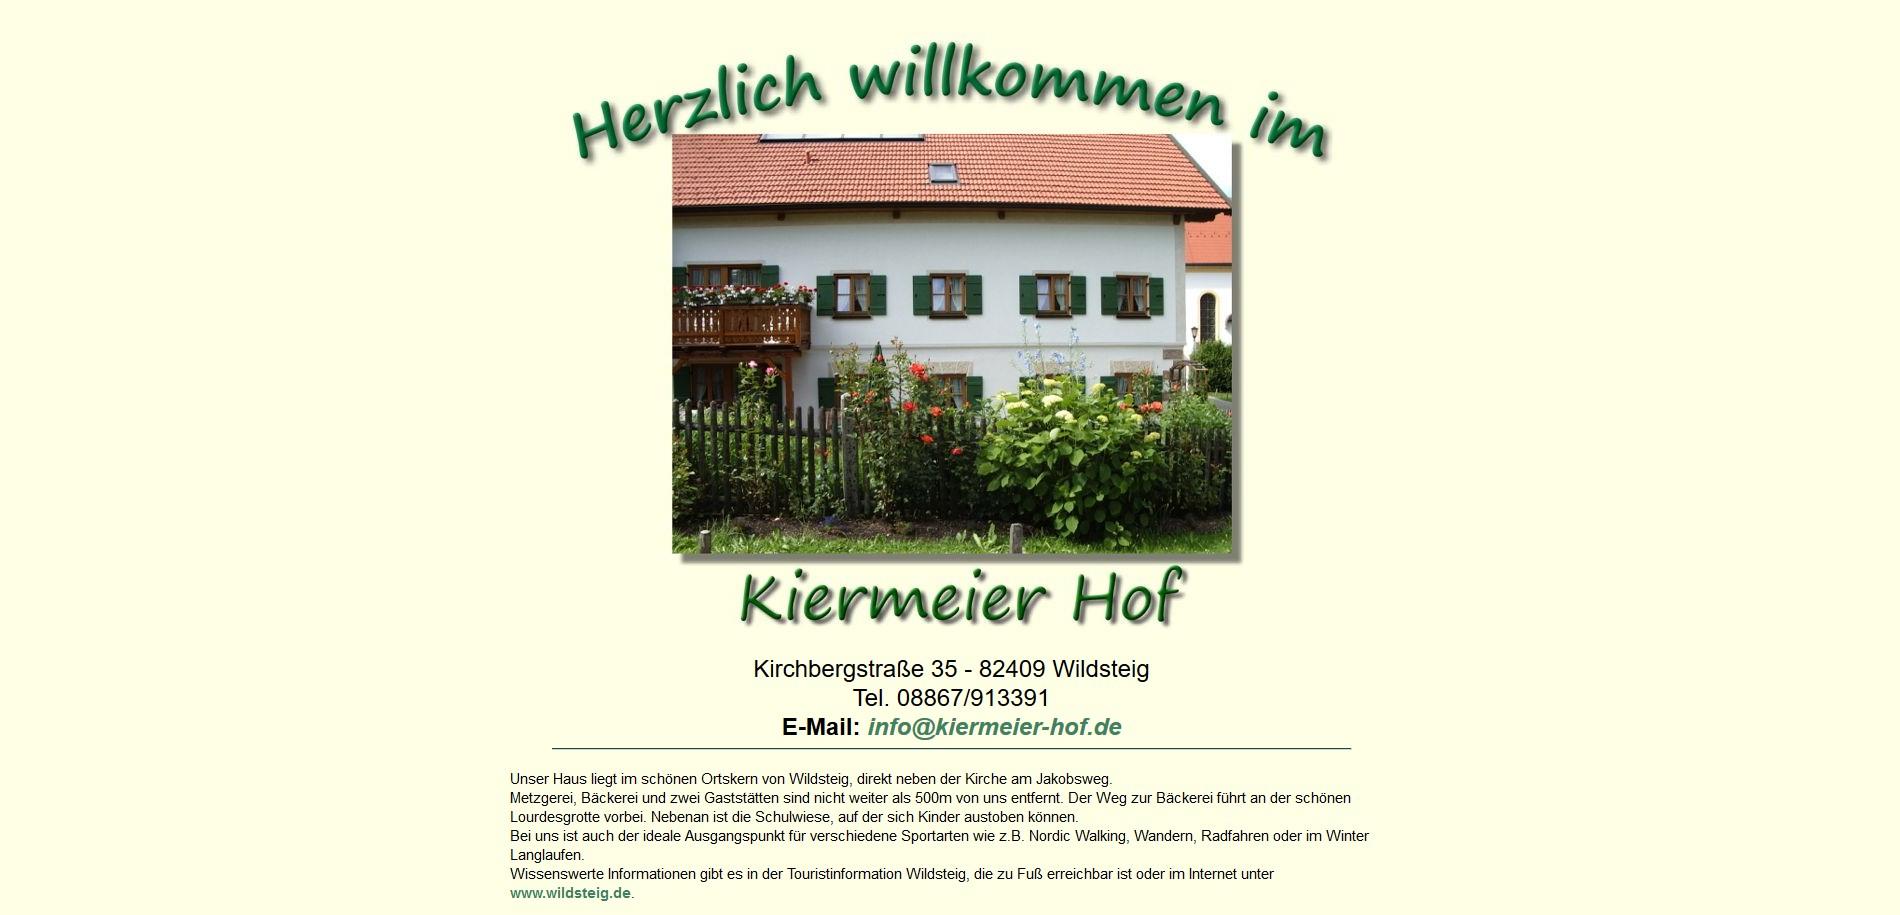 Kiermeierhof, Wildsteig